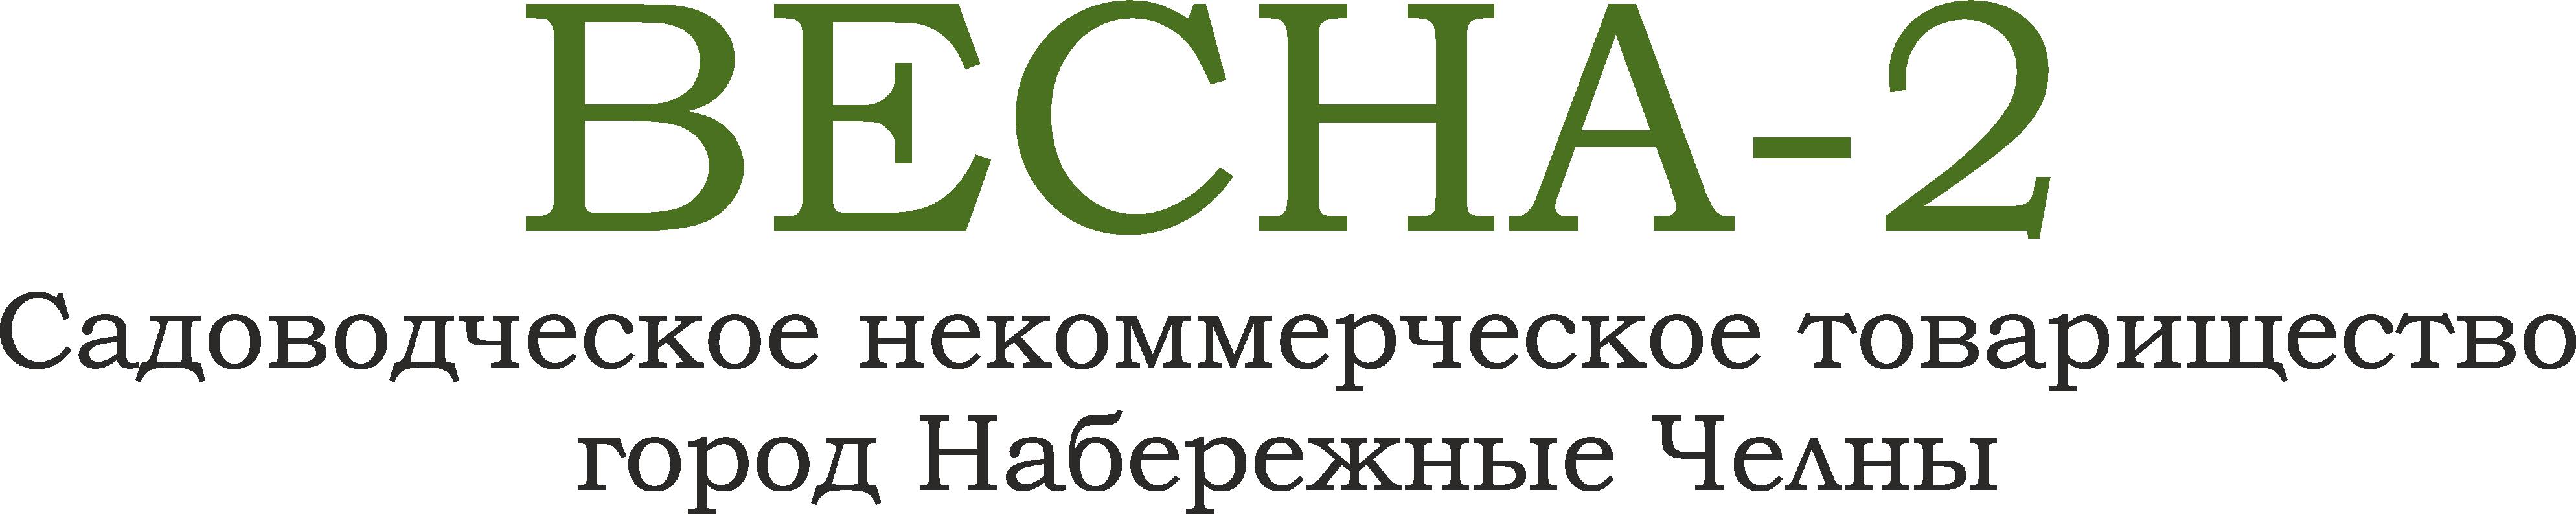 ВЕСНА-2